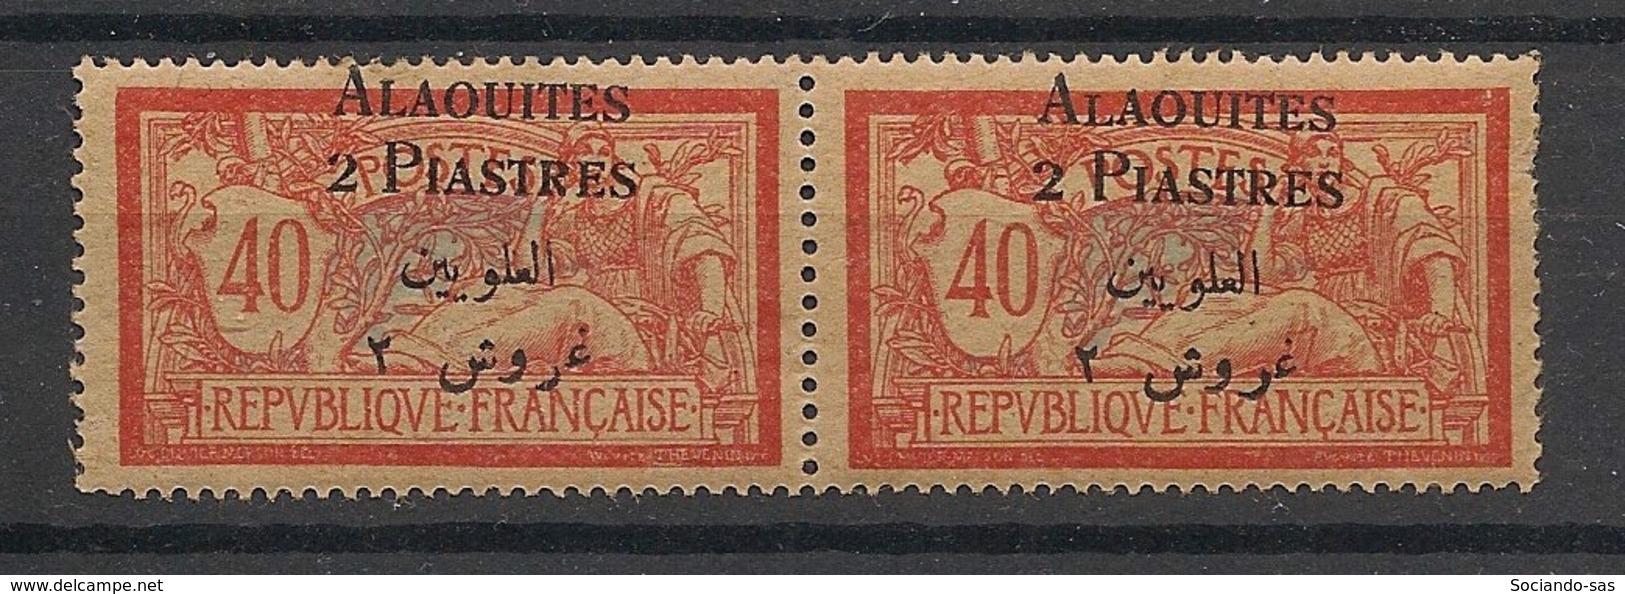 Alaouites - 1925 - N°Yv. 8 - Merson 2pi Sur 40c - Variété Petit L Tenant à Normal - Neuf * / MH VF - Alaouite (1923-1930)